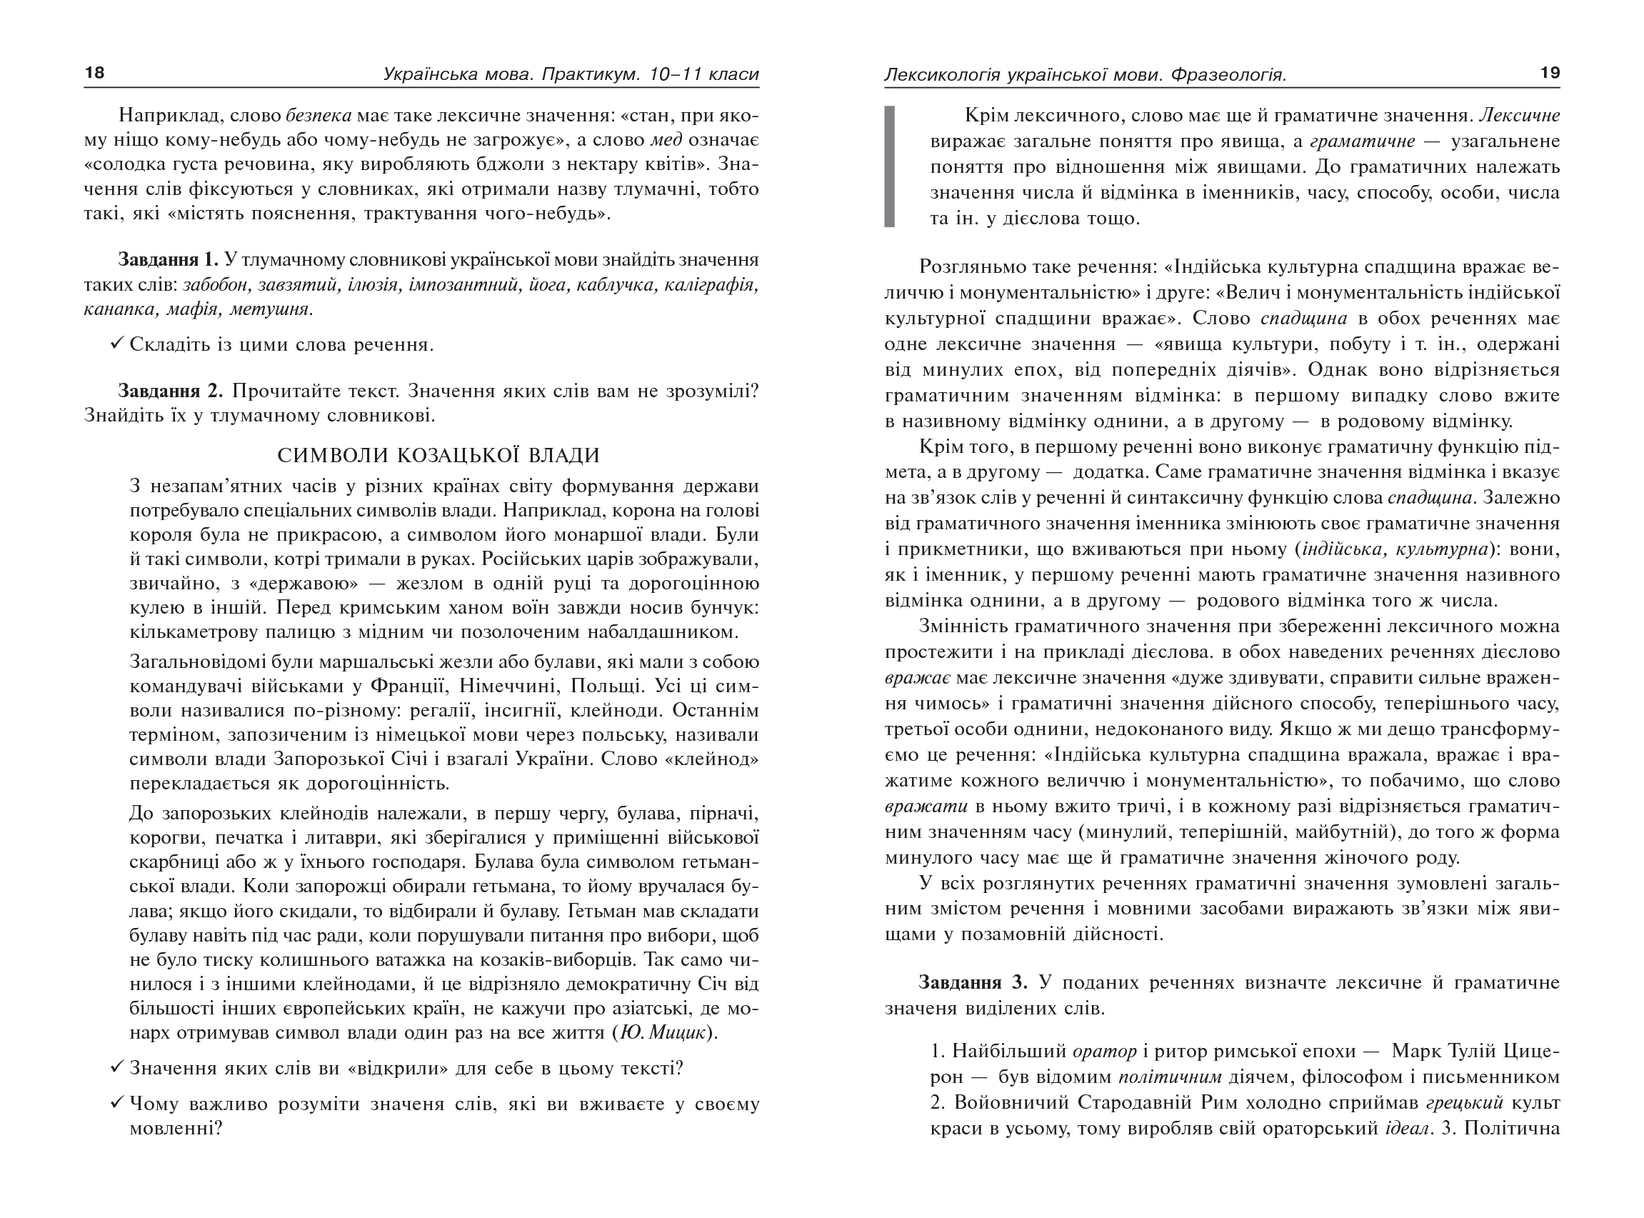 Роль в докремлених член в реченнях